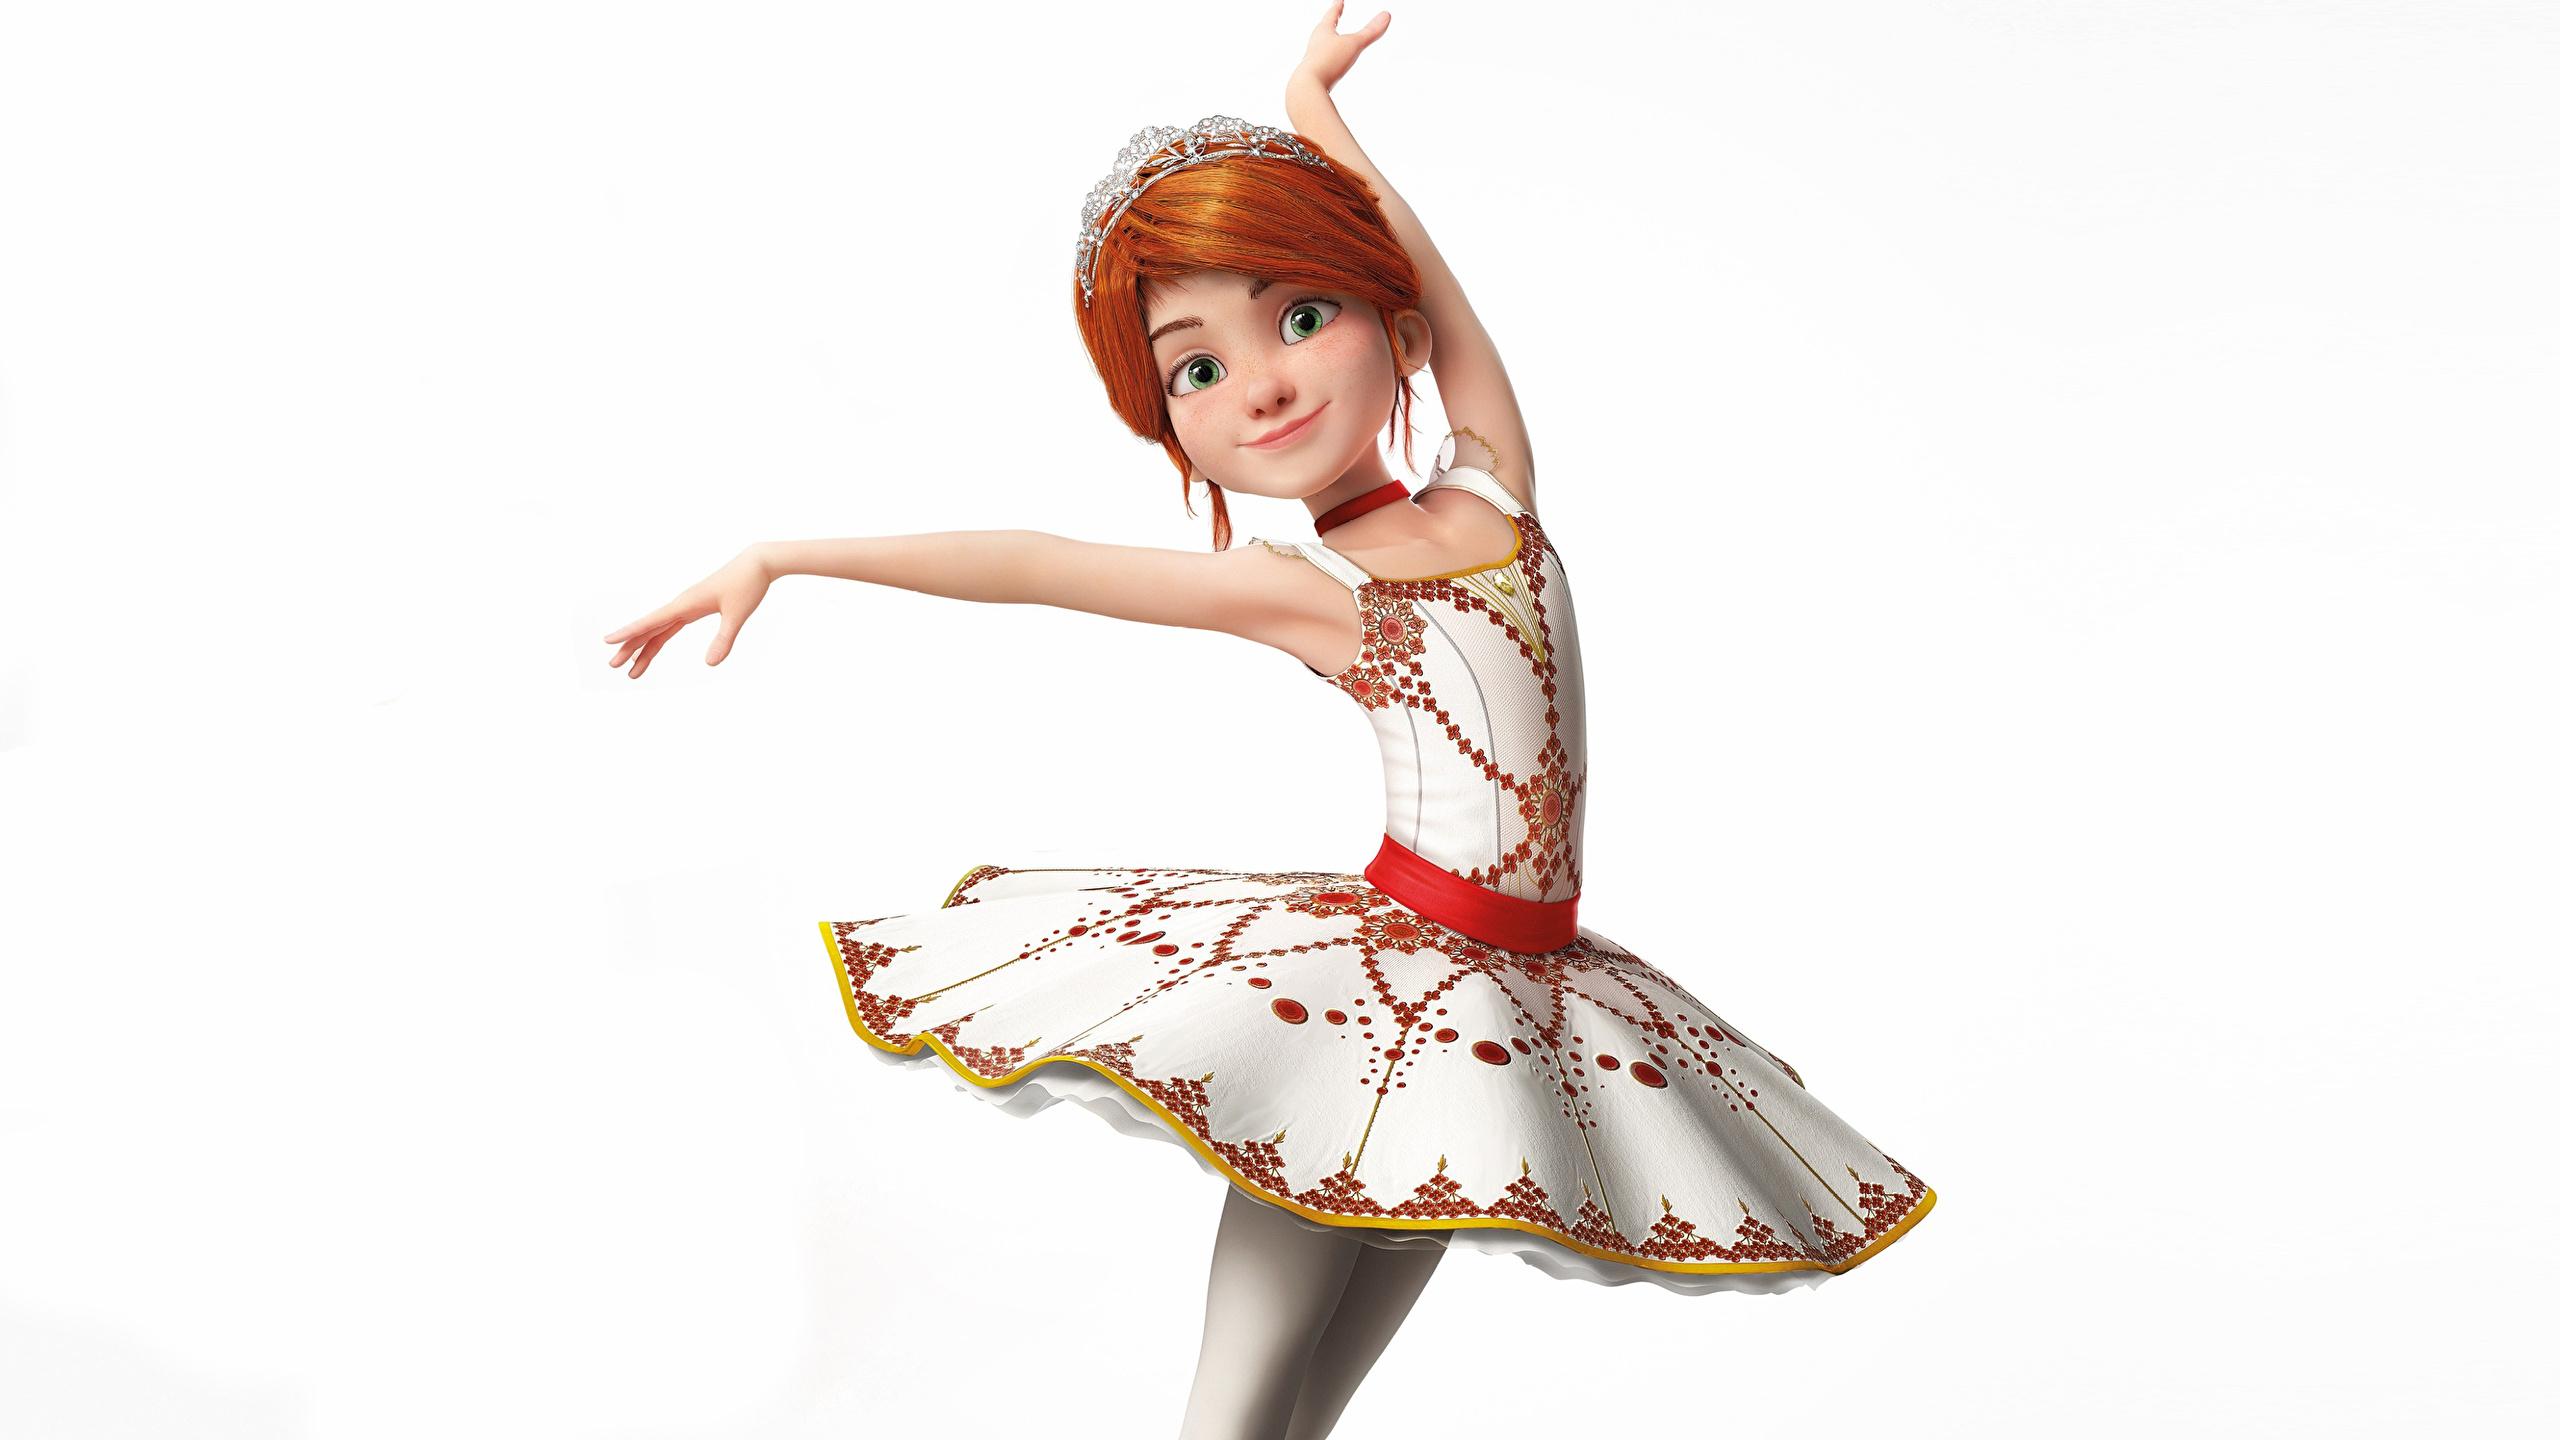 Фото Рыжая балета Balerina (Felis) позирует девушка Мультики 3D Графика Белый фон Платье 2560x1440 рыжие рыжих Балет балете Поза 3д мультик Девушки Мультфильмы молодая женщина молодые женщины белом фоне белым фоном платья